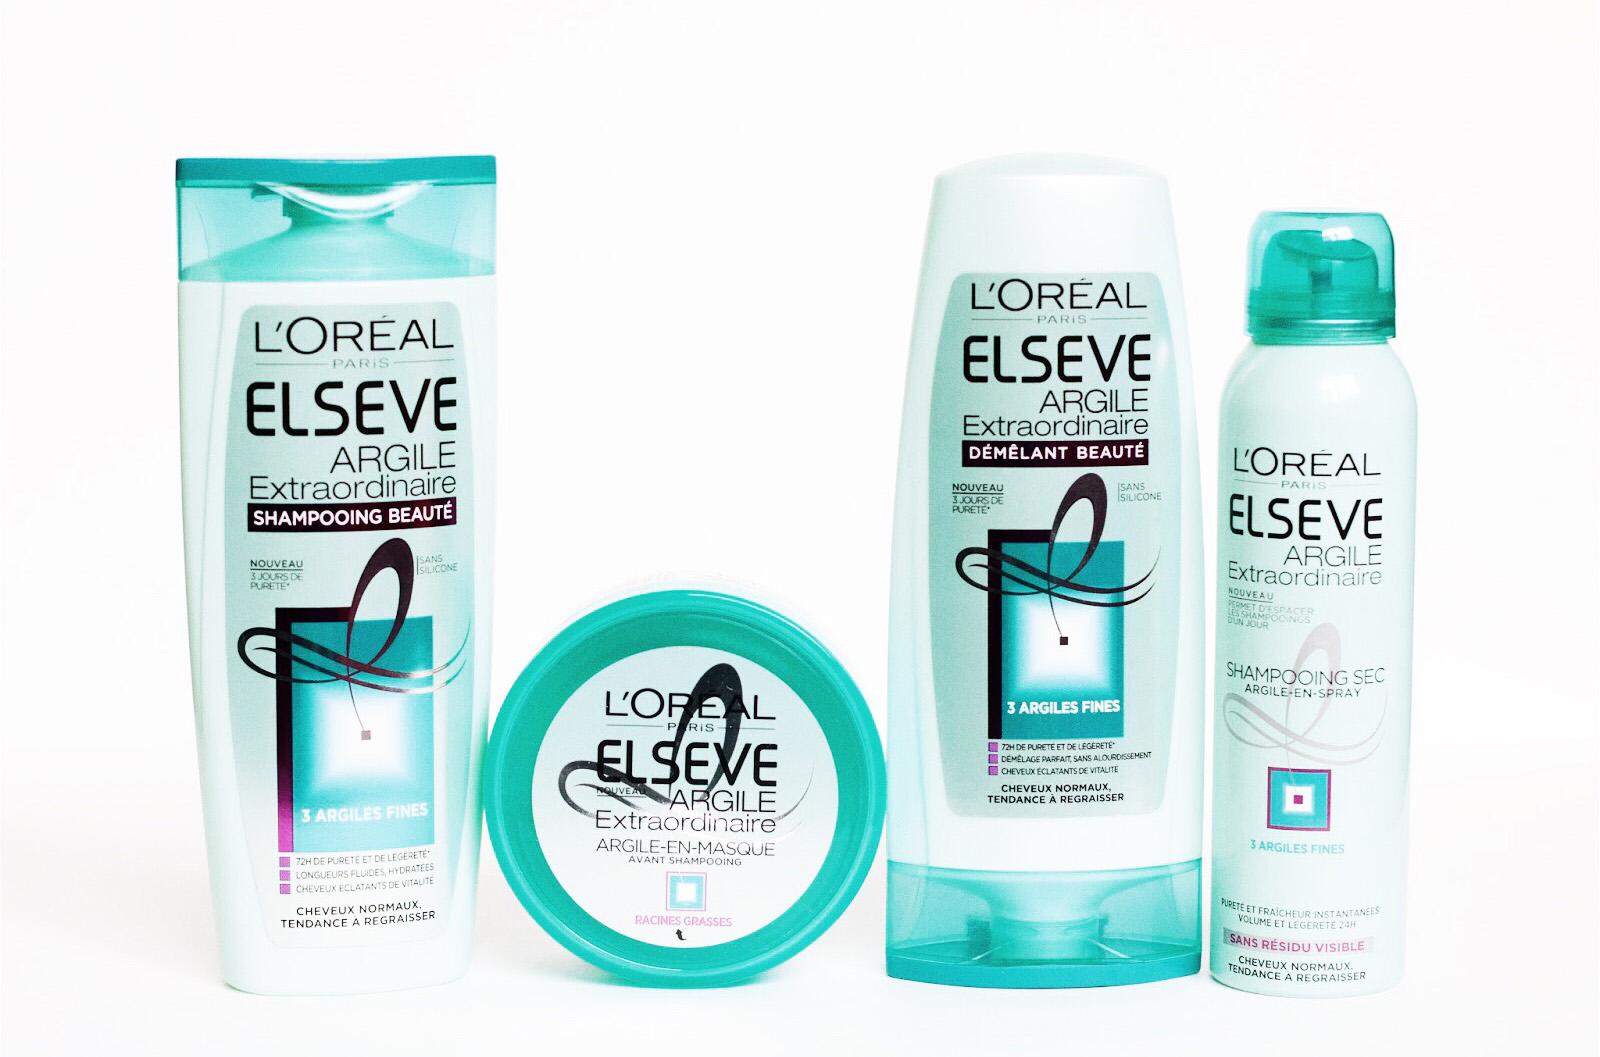 elseve gamme à l'argile shampooing après shampooing sans silicone avis test